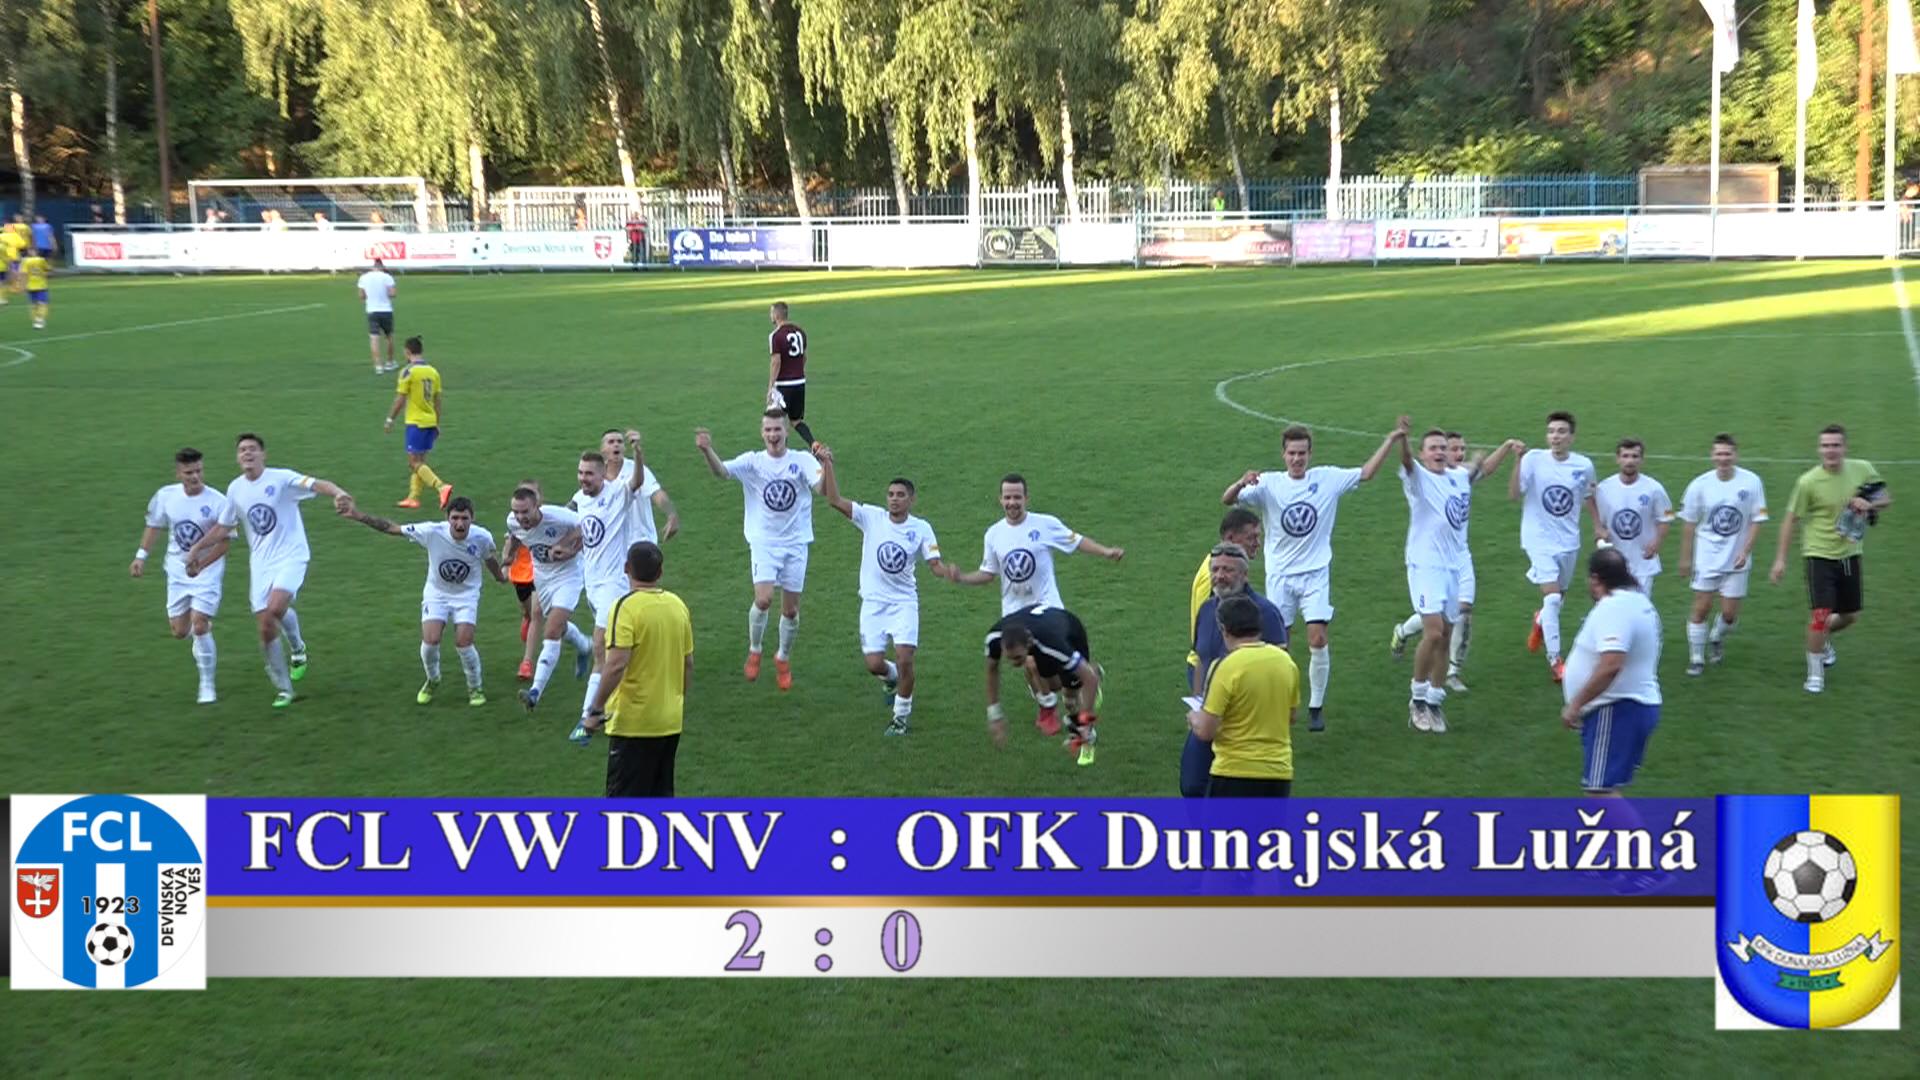 FCL VW DNV : OFK Dunajská Lužná